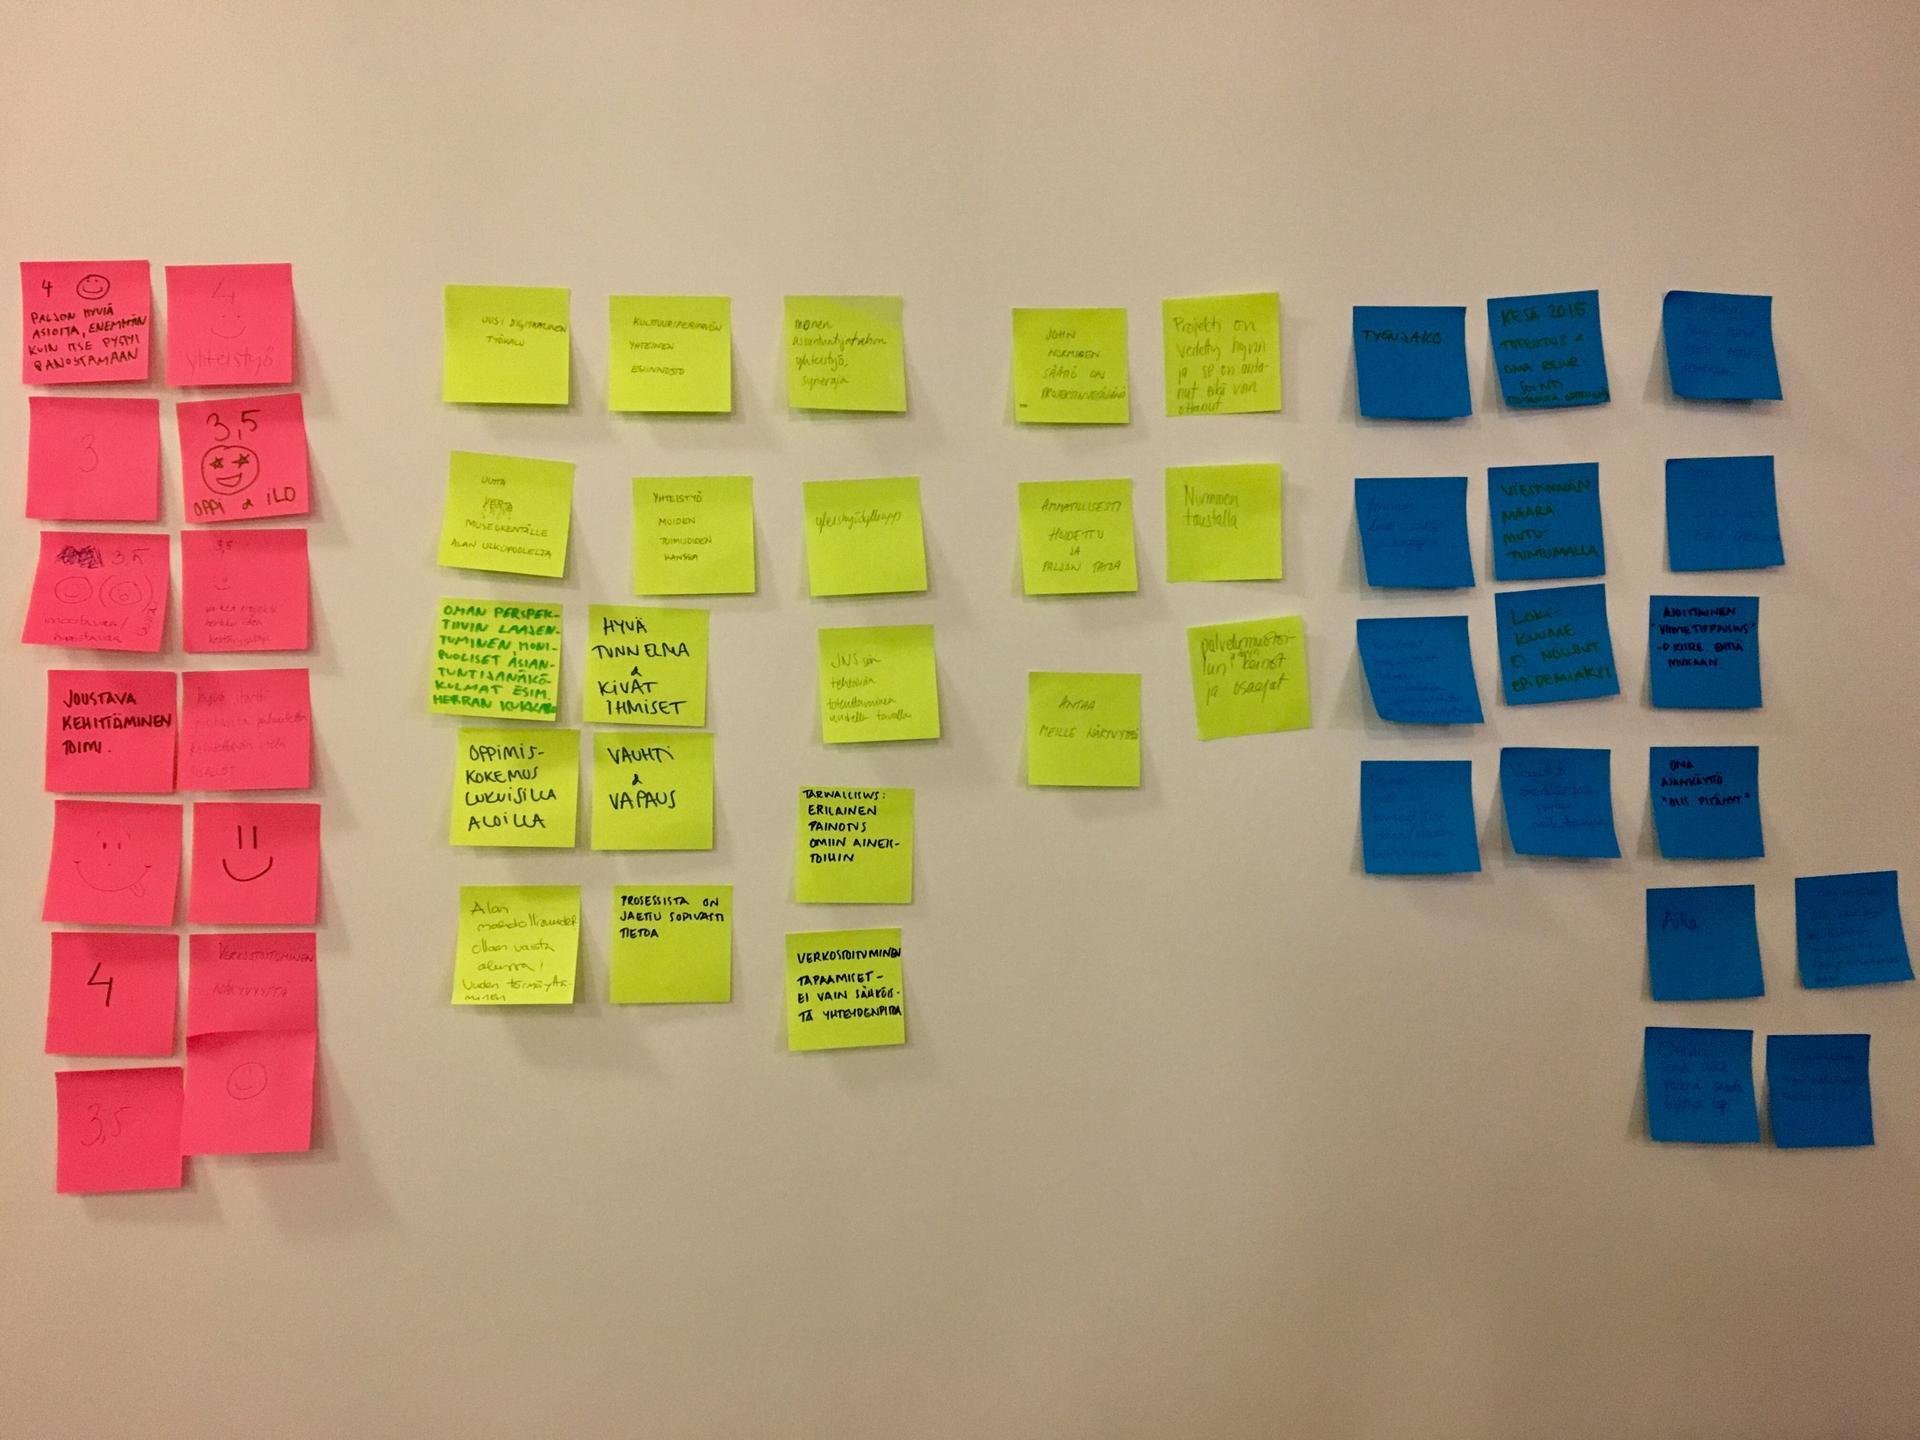 Museoryhmän loppukeskustelussa toistuivat mm. sanat asiantuntemus, verkostoituminen, yhteistyö ja viestintä.